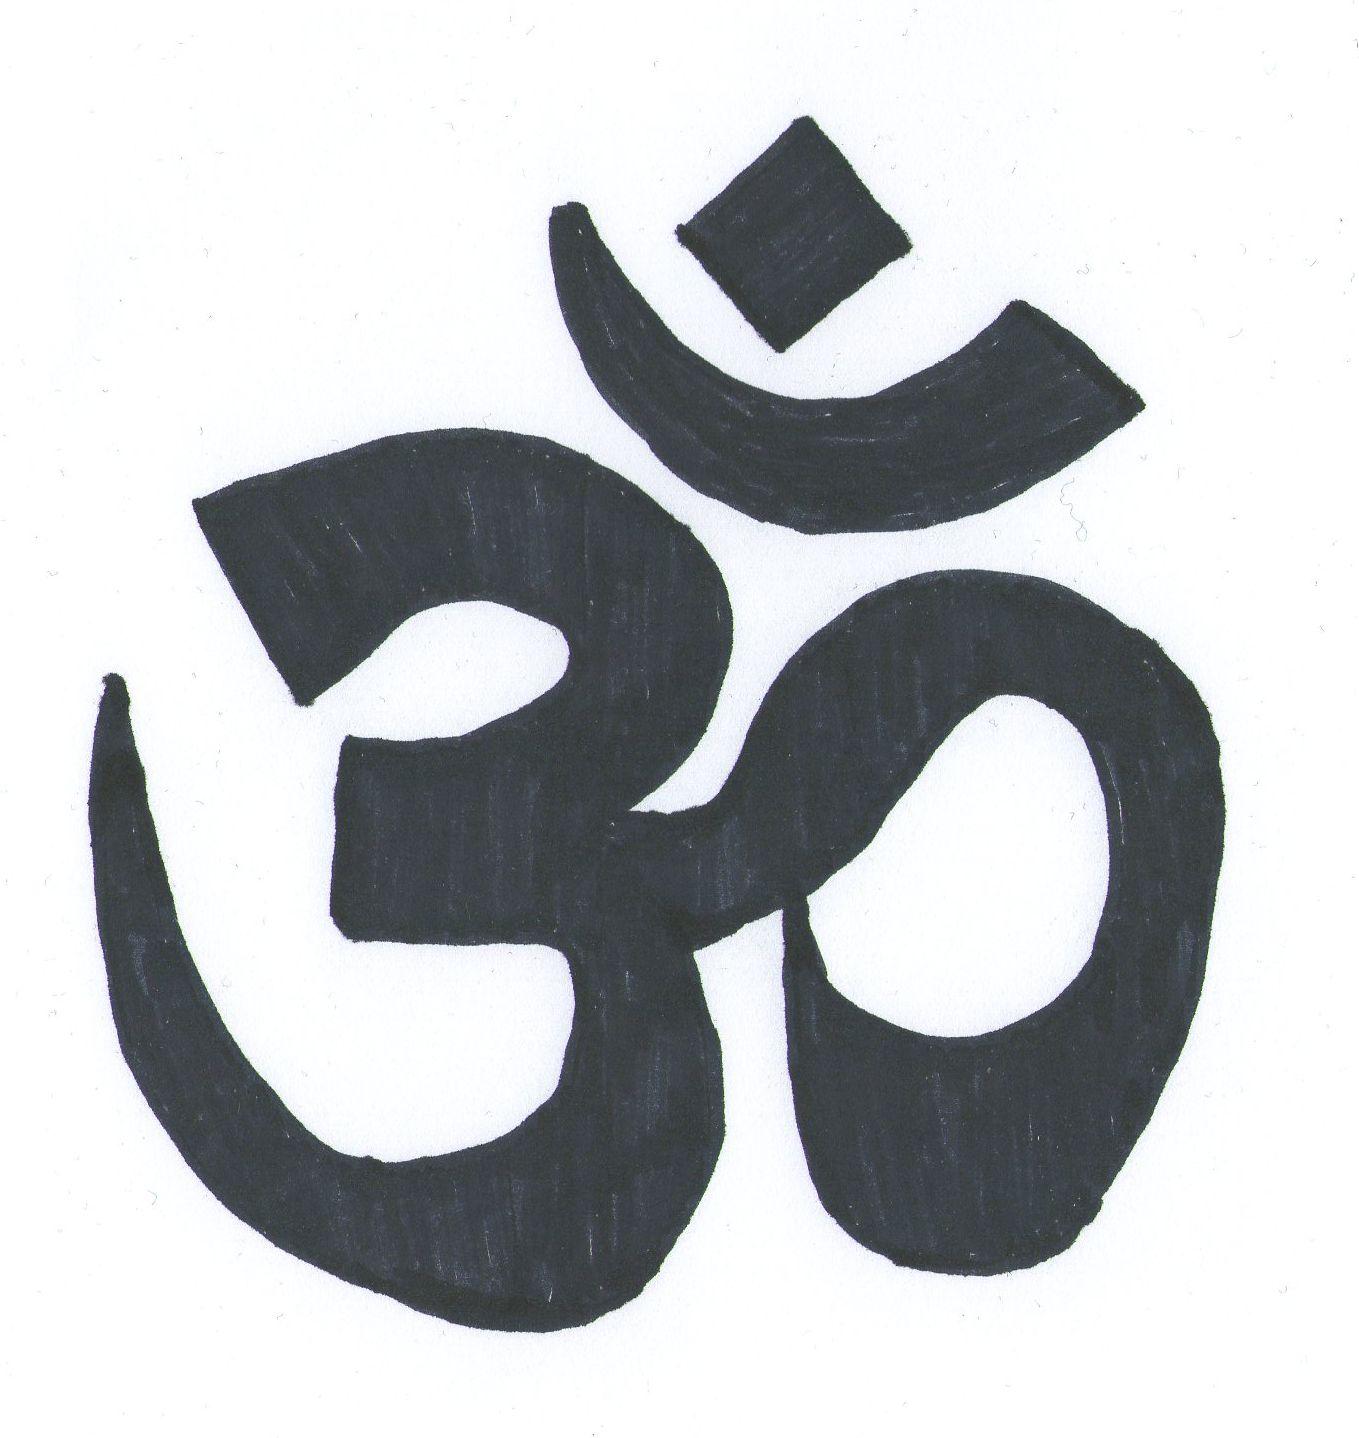 Existenzgründung Sich Selbstständig Machen Mit Yoga Perspektive